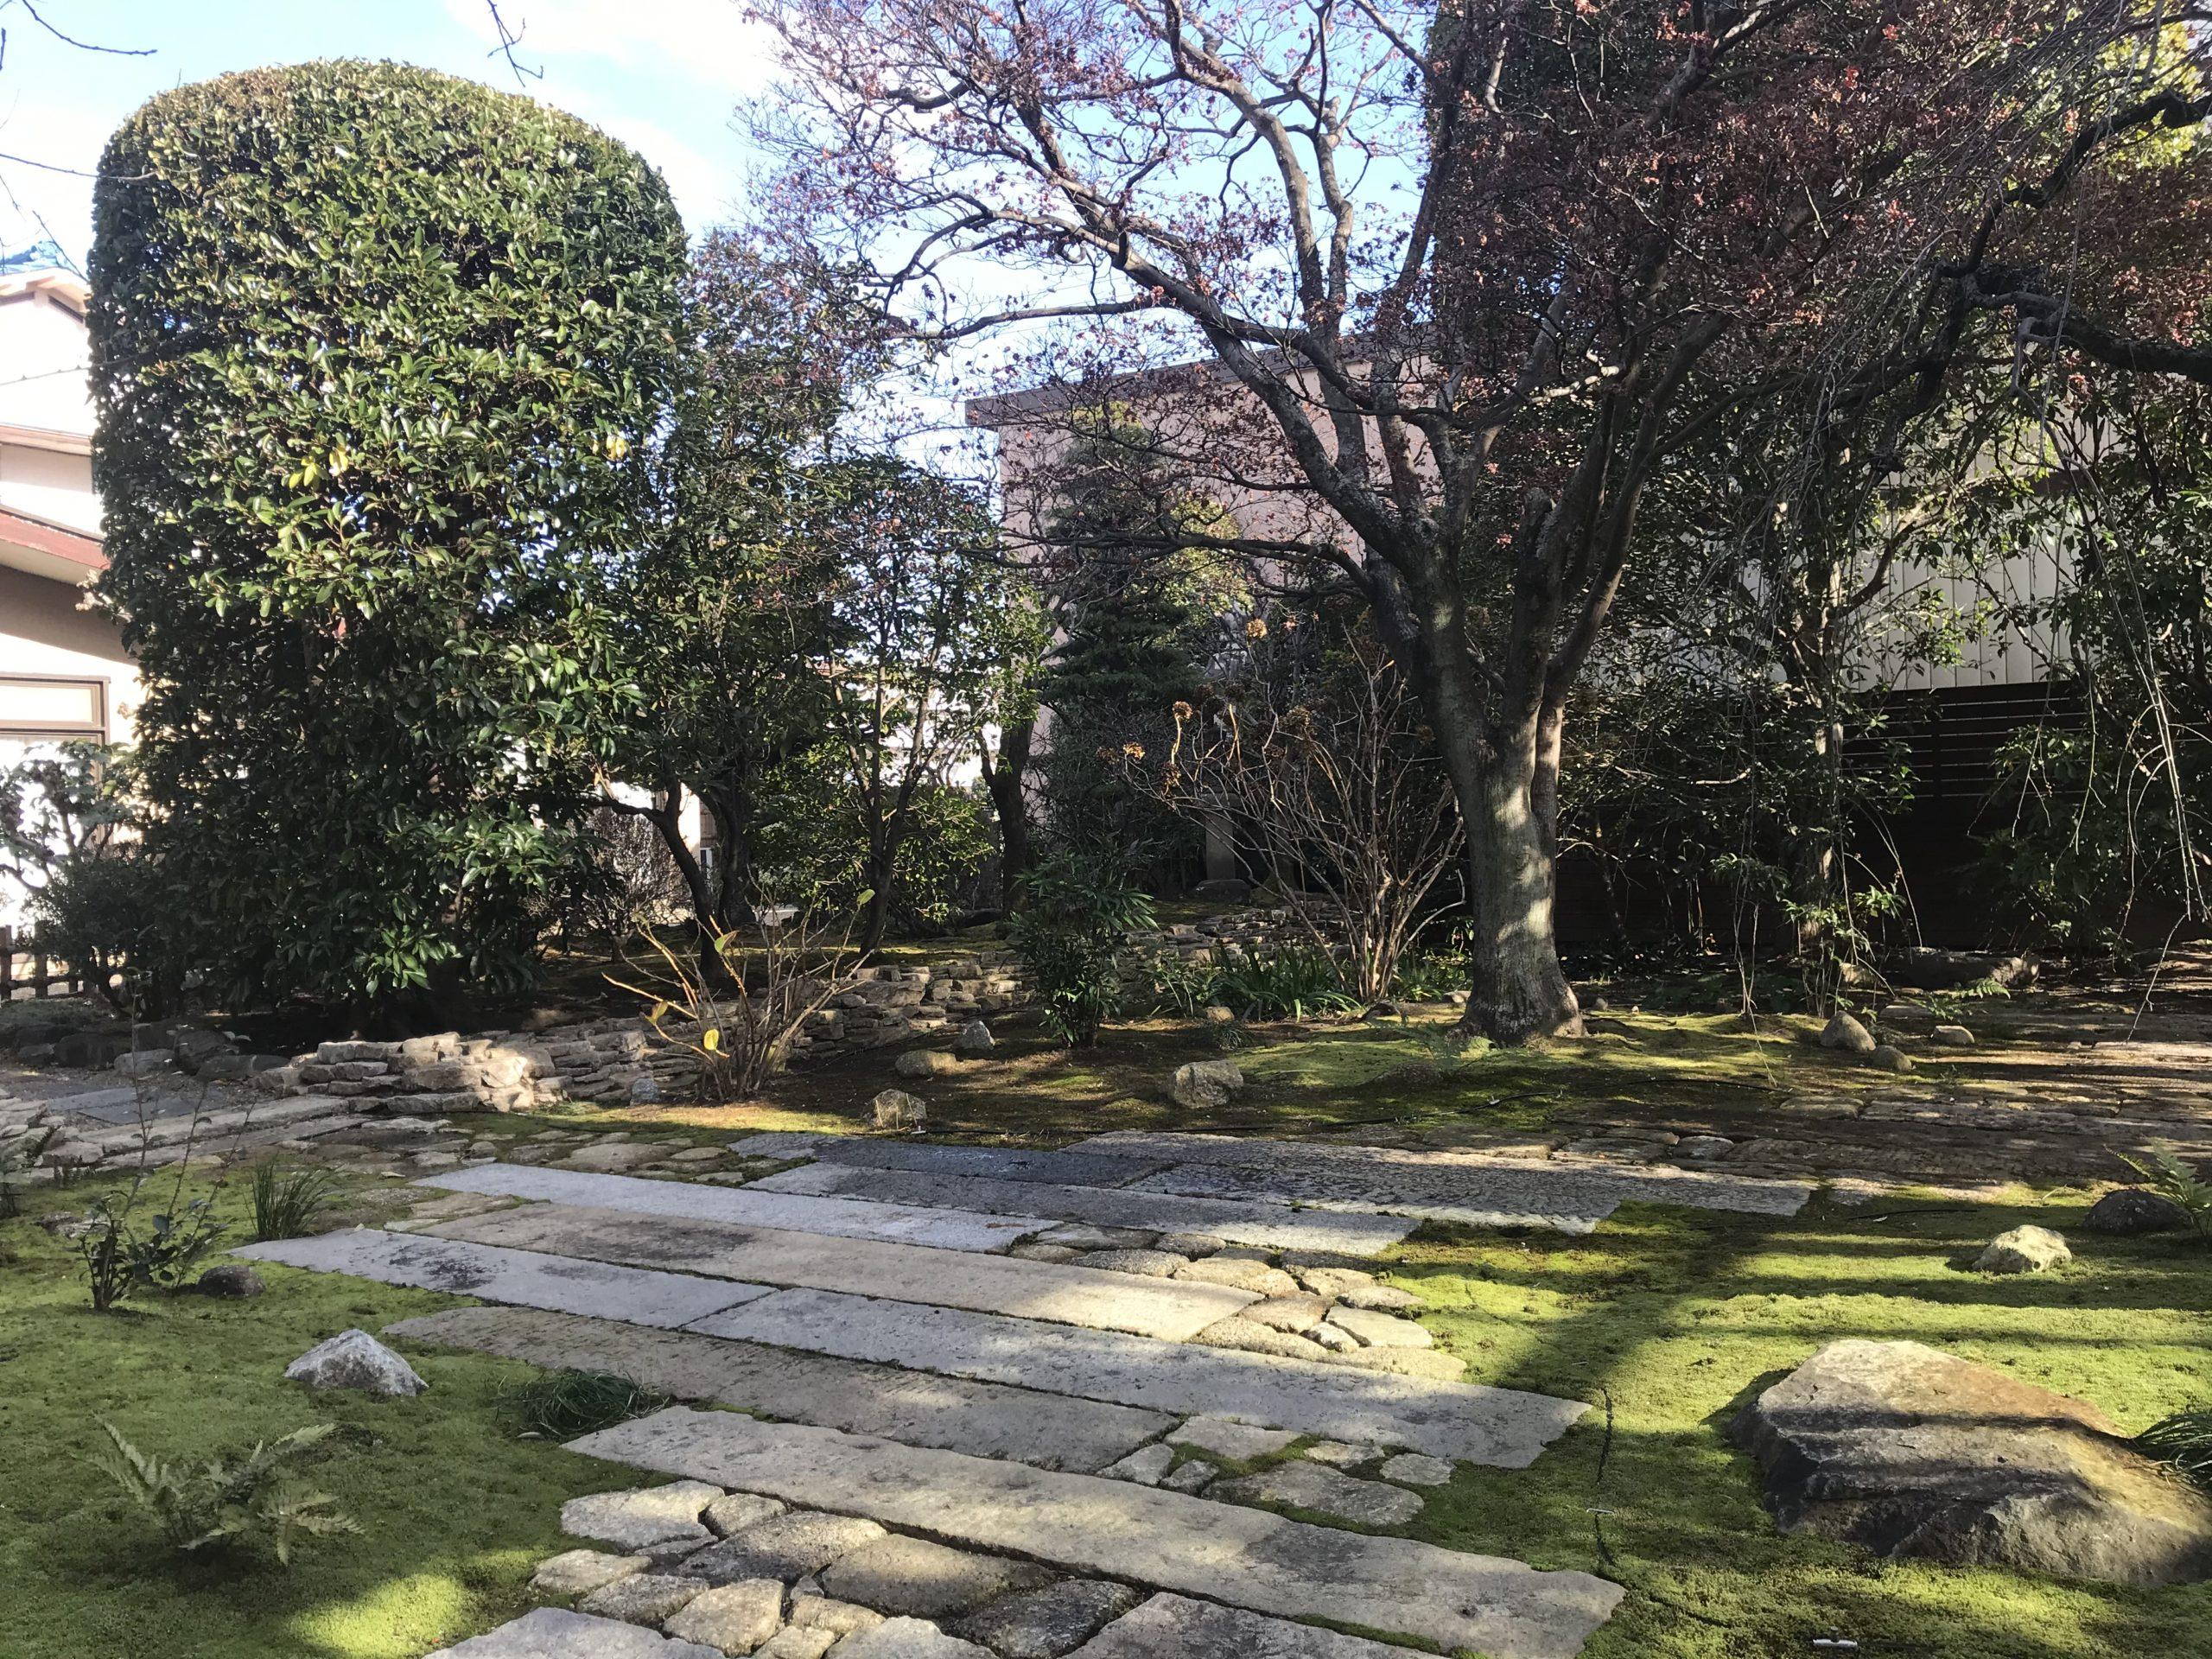 和風,庭園,日本,造園,外構,工事,素敵,趣,庭,後世,繋がる,シンプルモダン